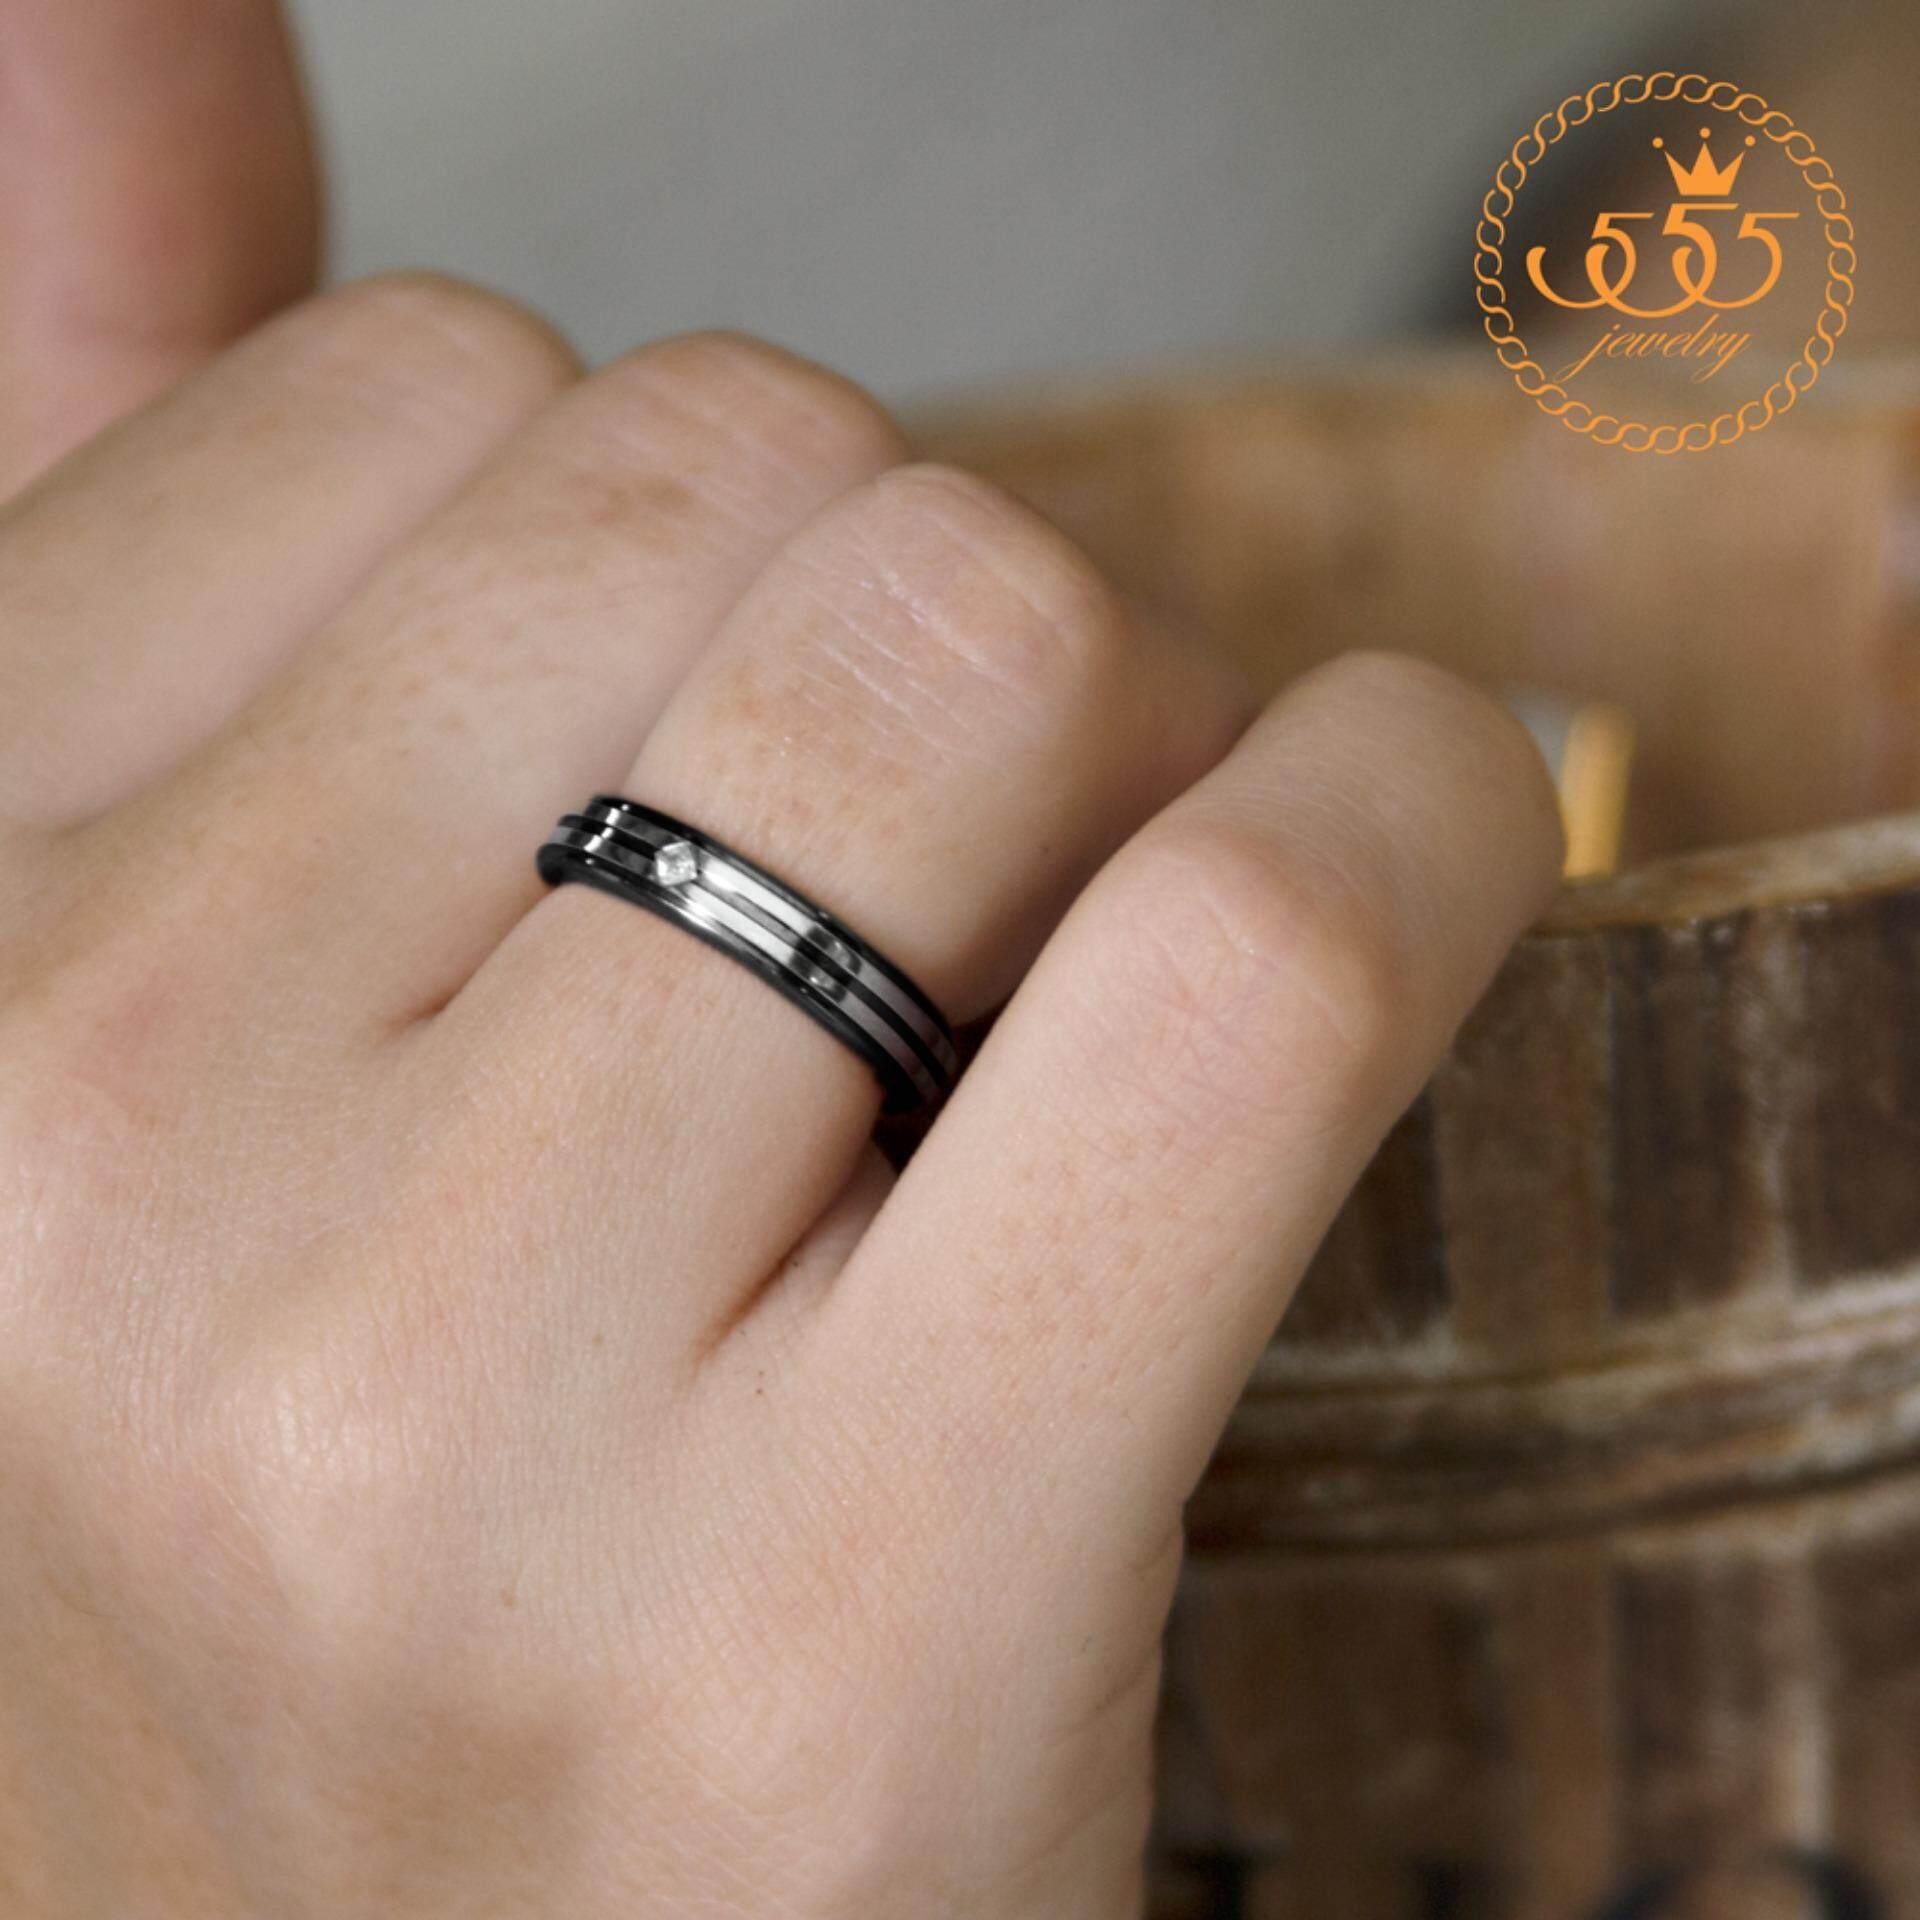 555jewelry แหวน รุ่น MNR-049T-D  (สี Black)(Black Cubic Zirconia ) แหวนคู่รัก แหวนคู่ แหวนผู้ชายเท่ๆ แหวนแฟชั่นชาย แหวนผู้ชาย แหวนของผู้ชาย